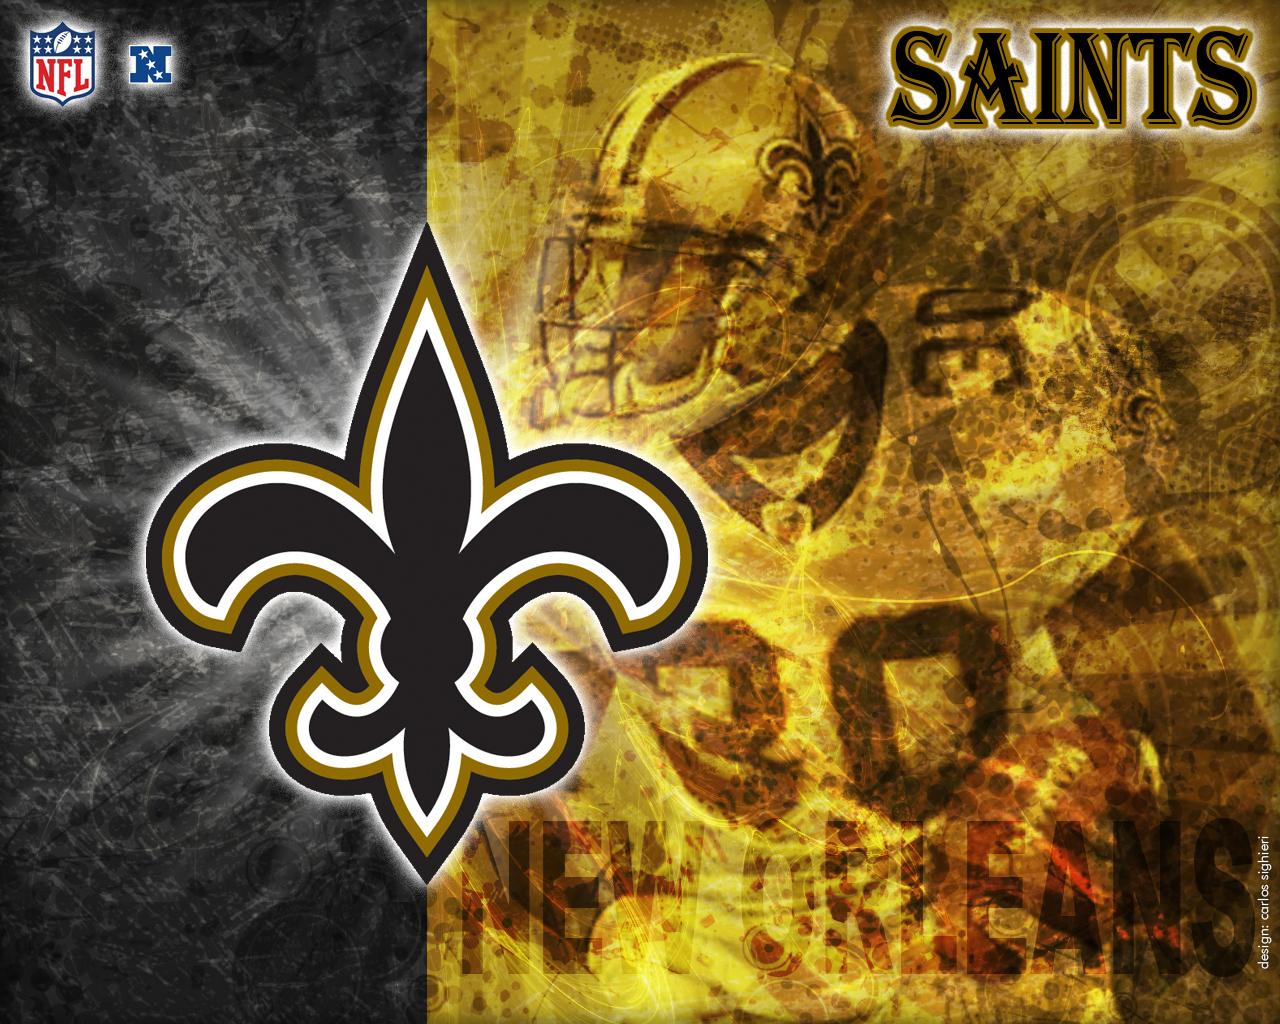 New Orleans Saints wallpaper New Orleans Saints wallpapers 1280x1024